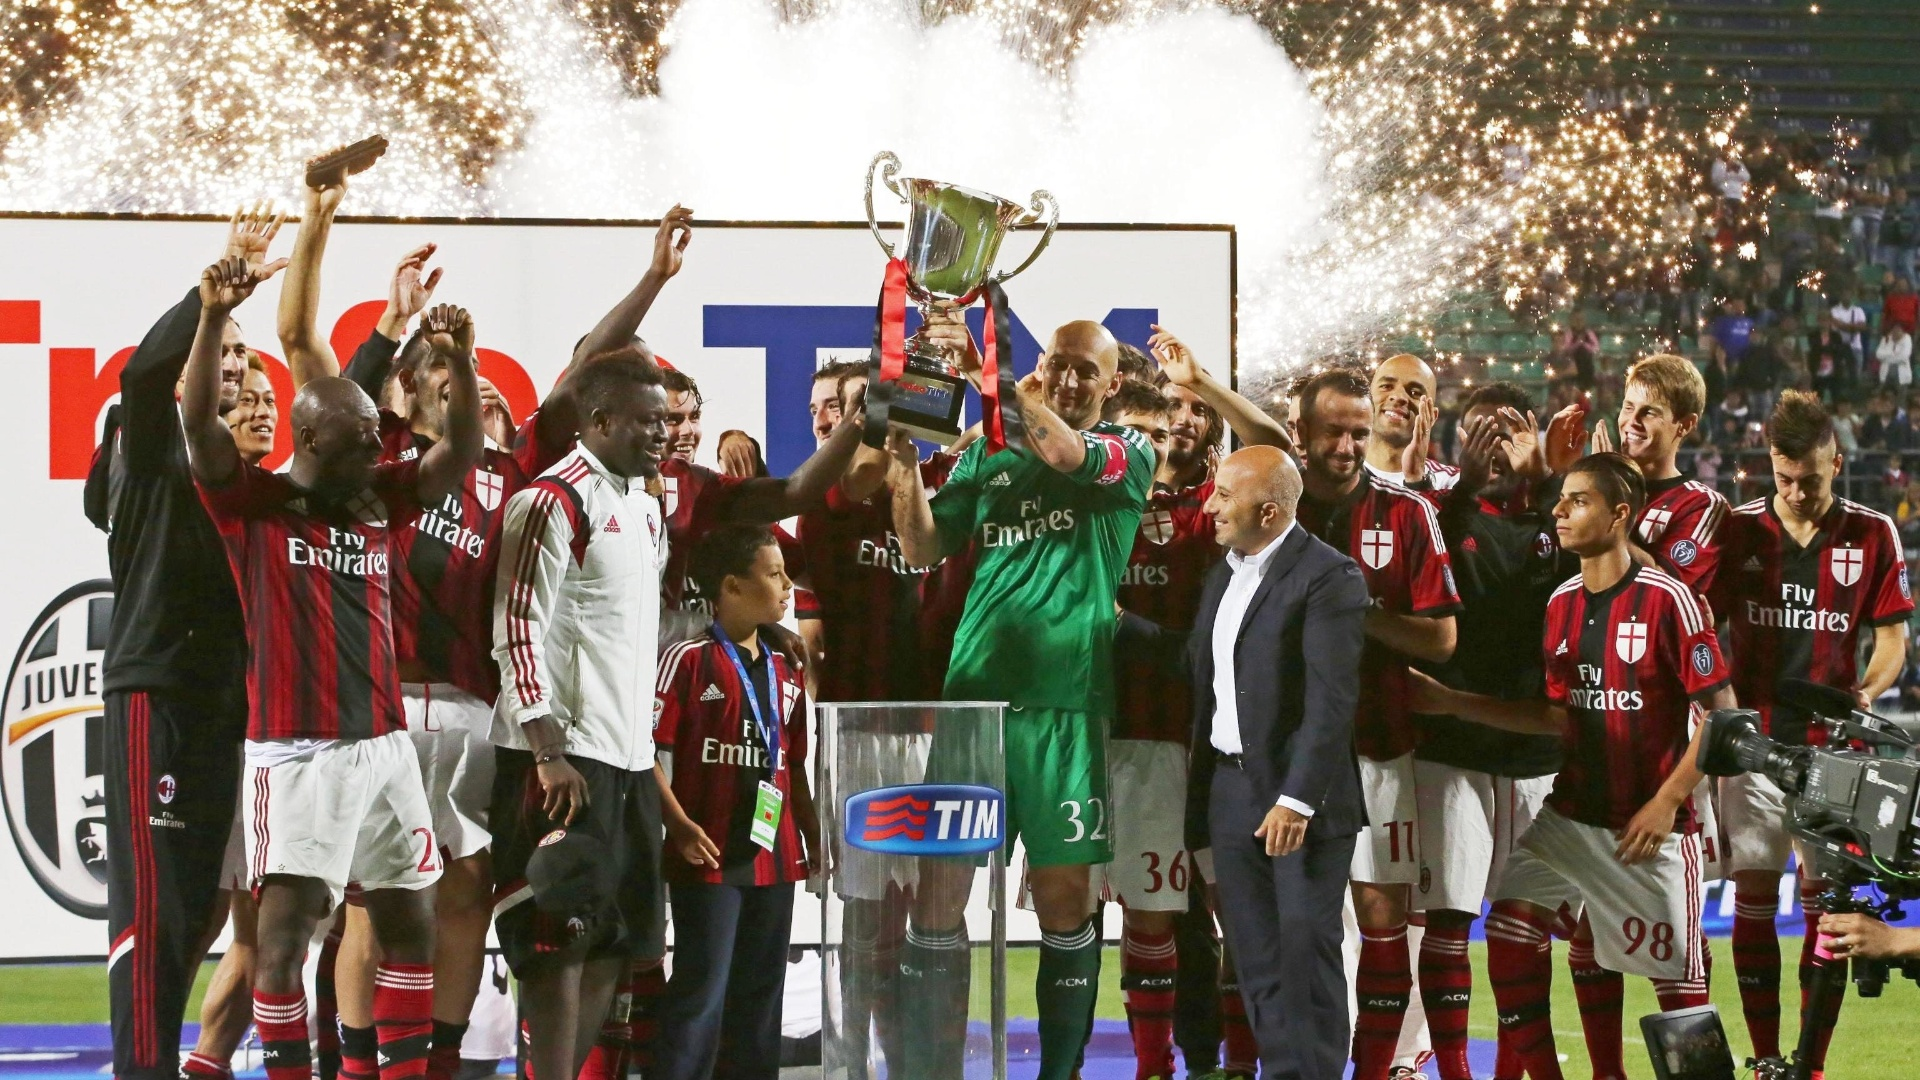 Jogadores do Milan celebram título de um torneio amistoso na pré-temporada 2014-2015